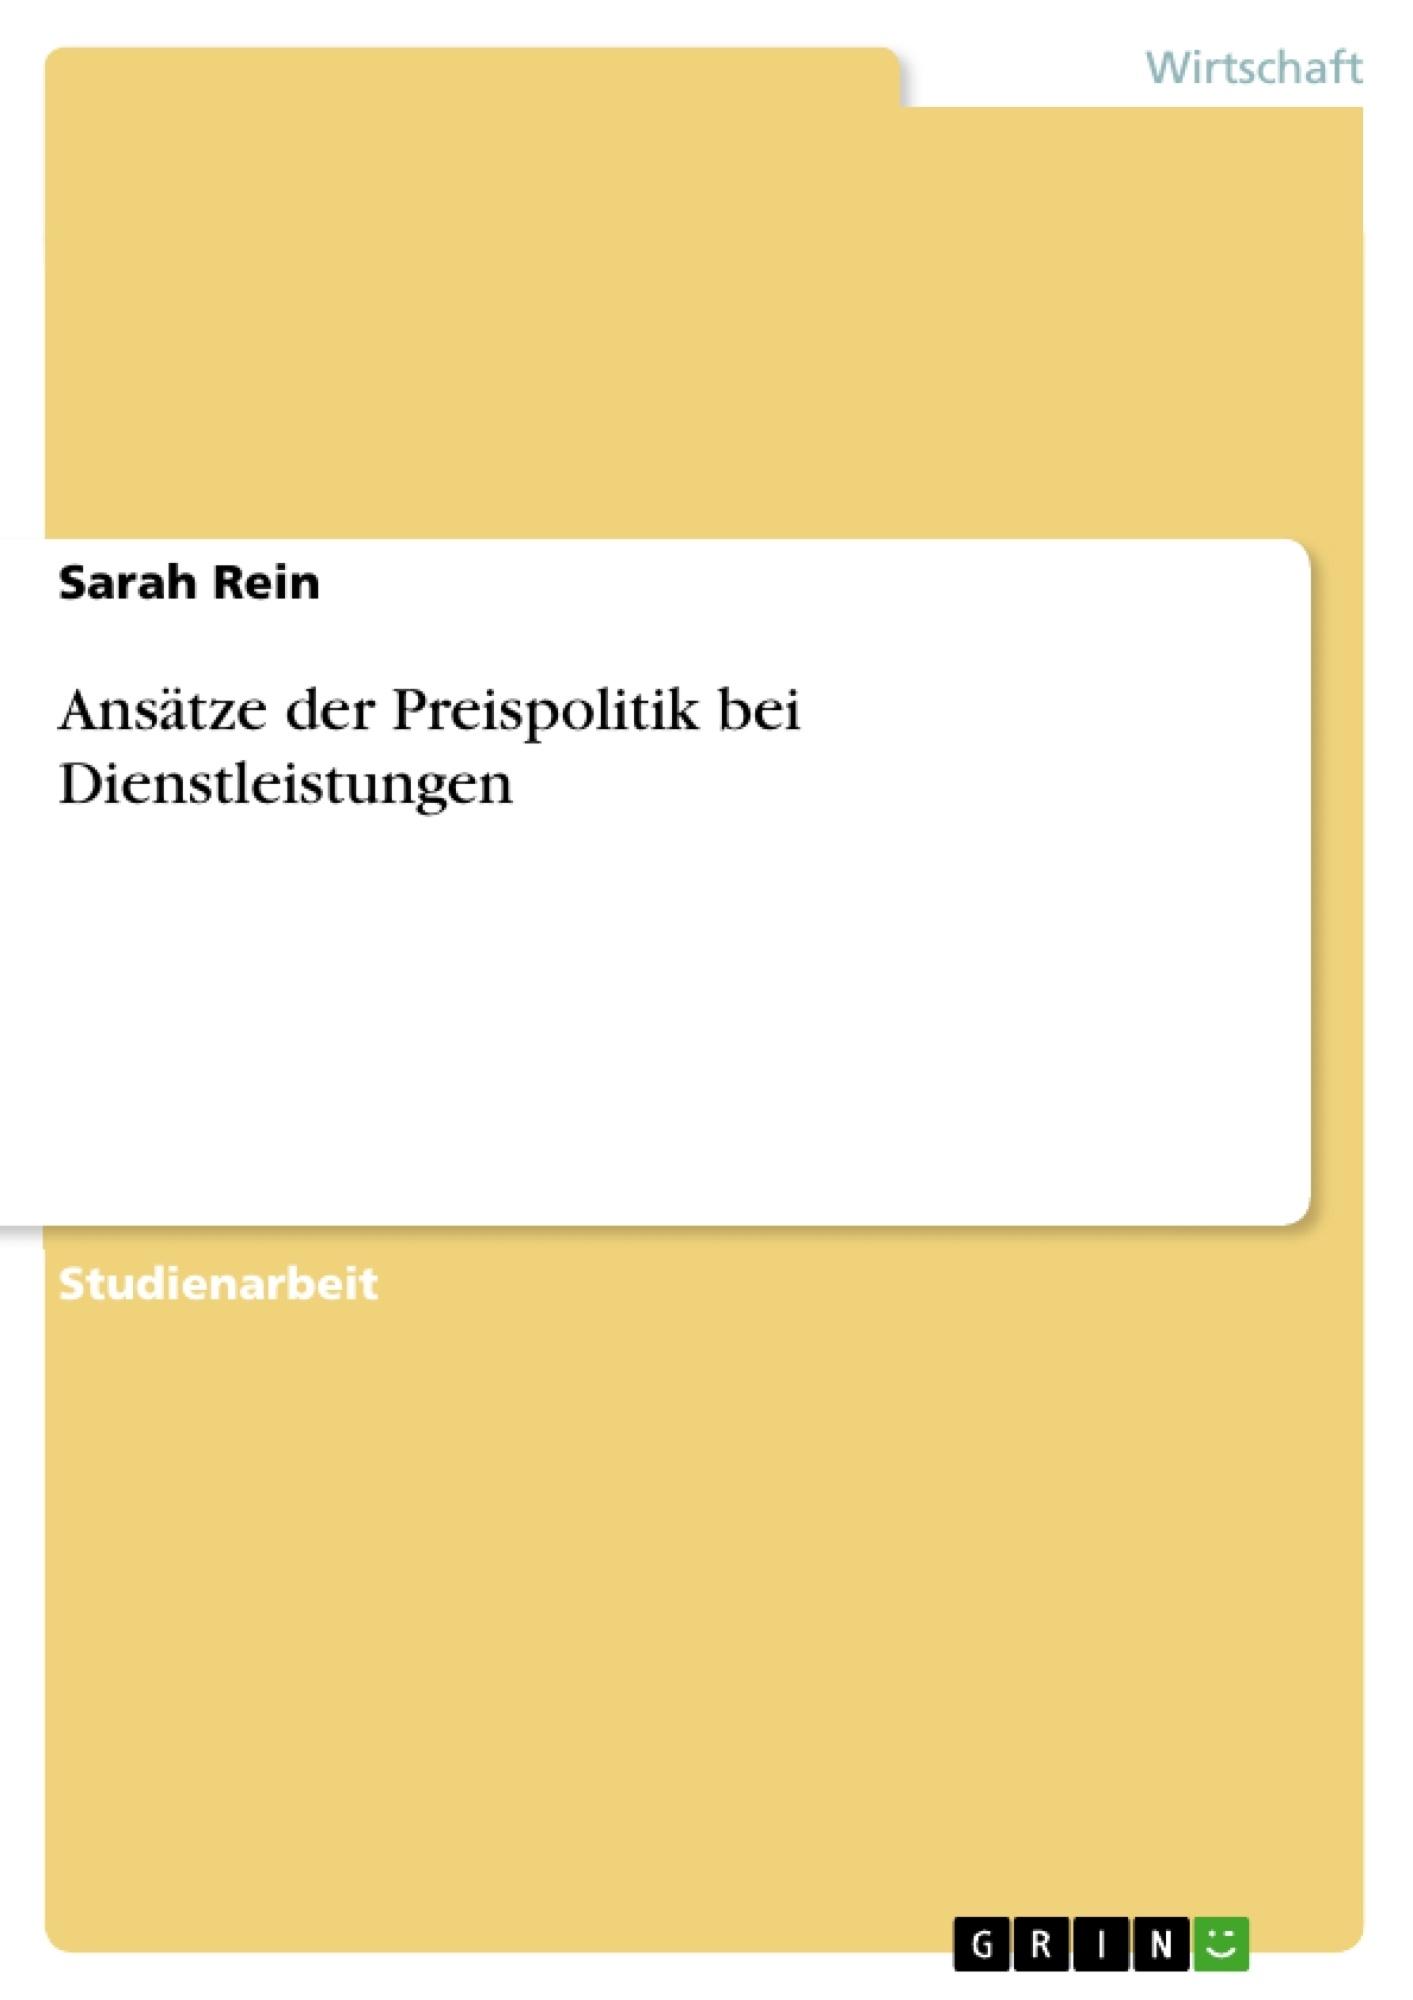 Titel: Ansätze der Preispolitik bei Dienstleistungen